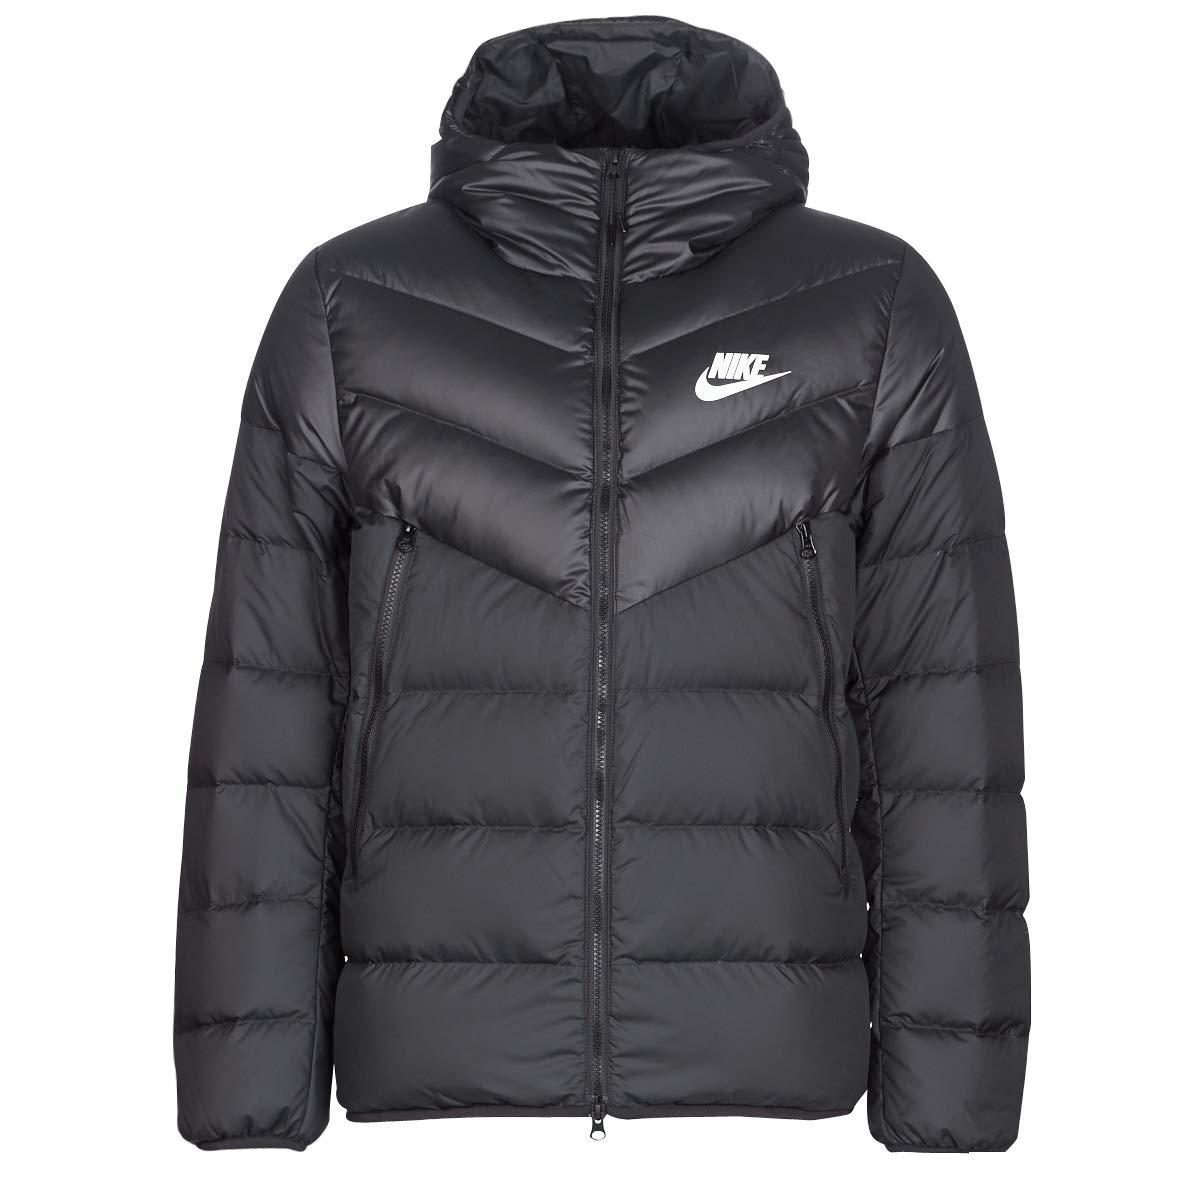 Nike Down Fill Warmth HD Chaqueta, Hombre 928833-010